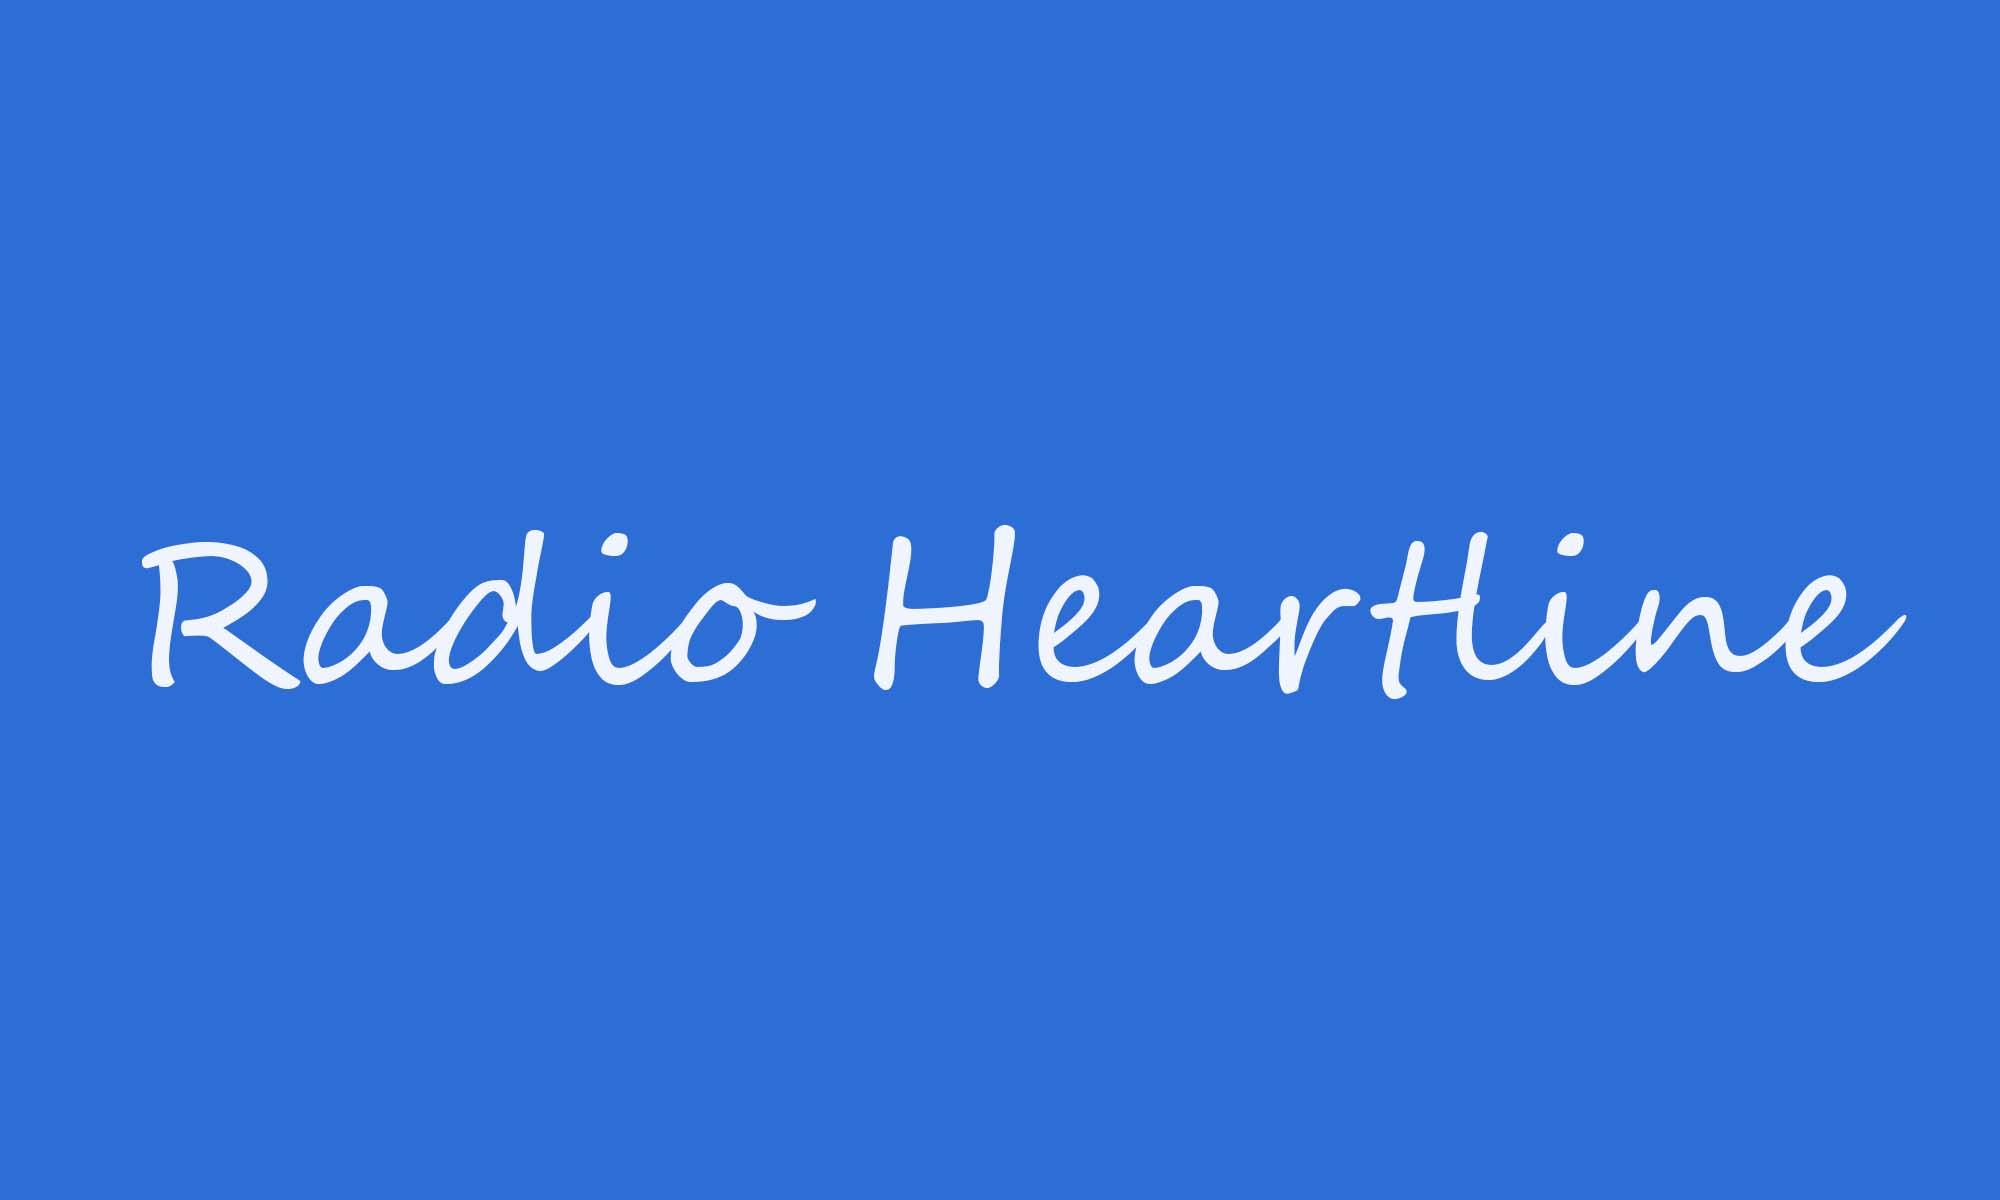 Radio Heartline karawaci